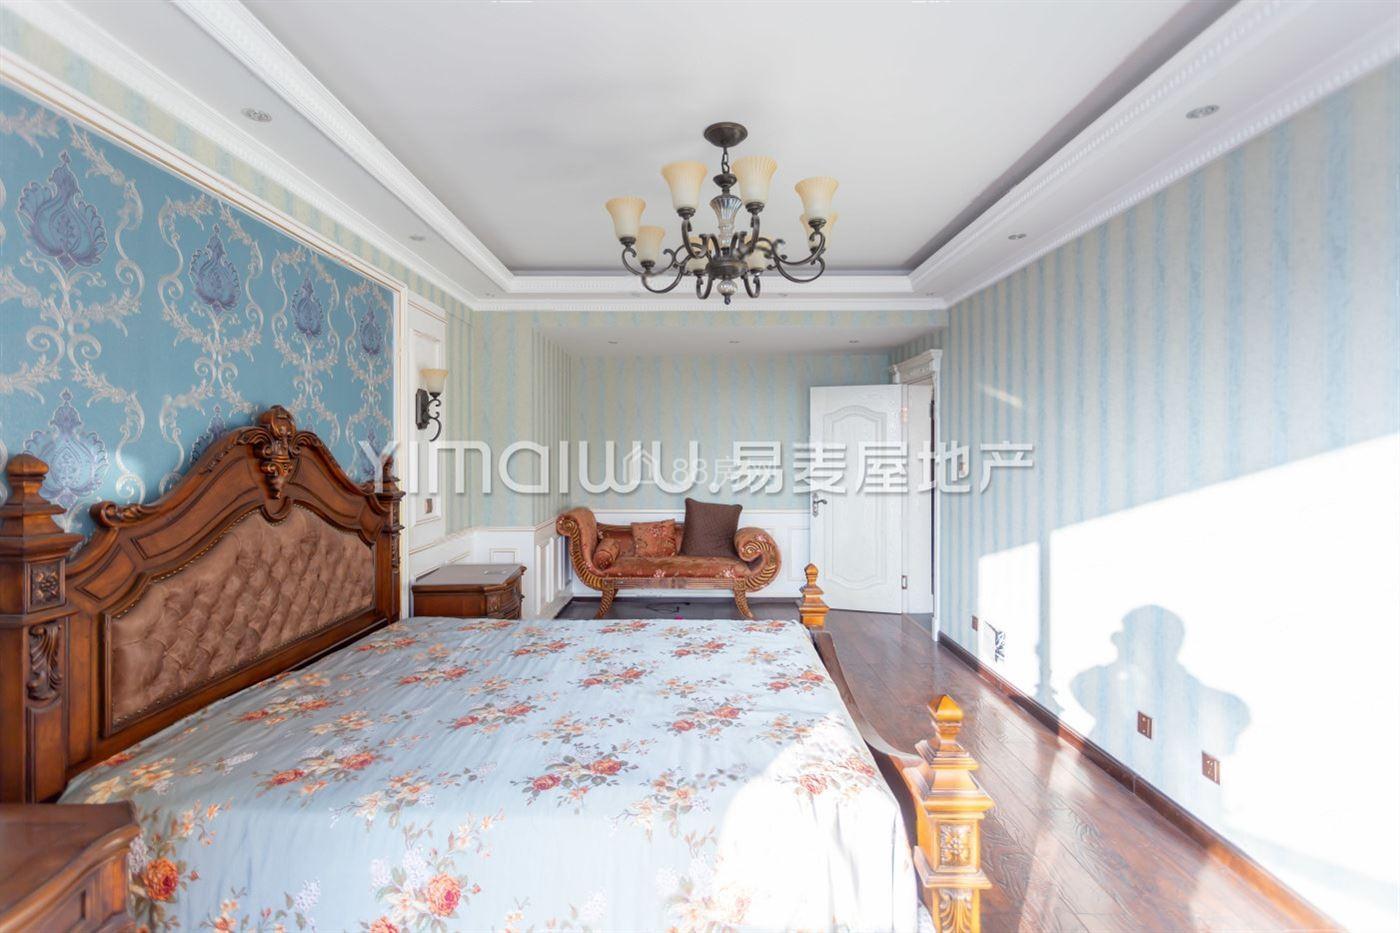 大地世纪小区兰香苑,高层复式大房出售,精致装修无大税